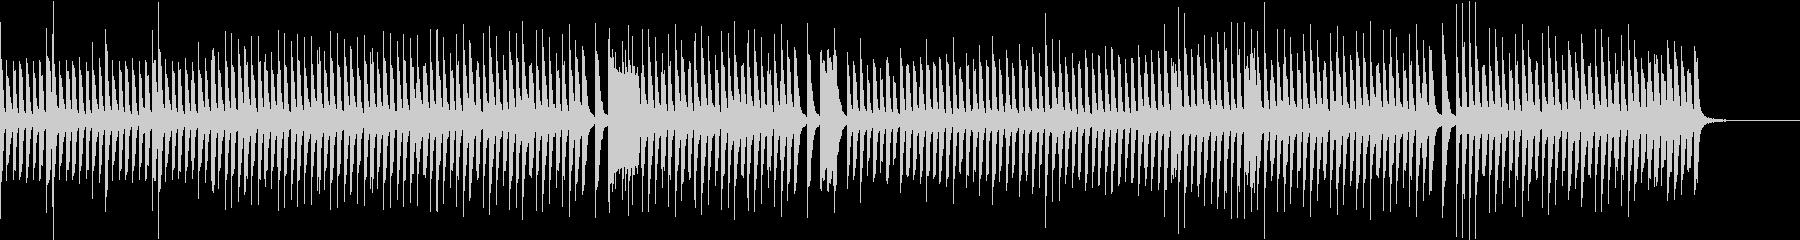 Eテレ系ゆったりカワイイほのぼのピアノ曲の未再生の波形